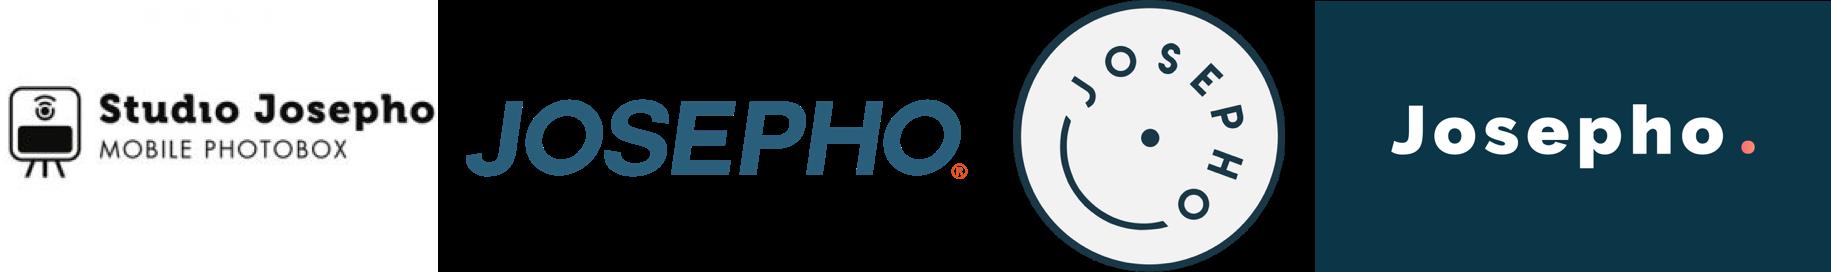 Montre les différents Logo de Josepho au fil du temps.